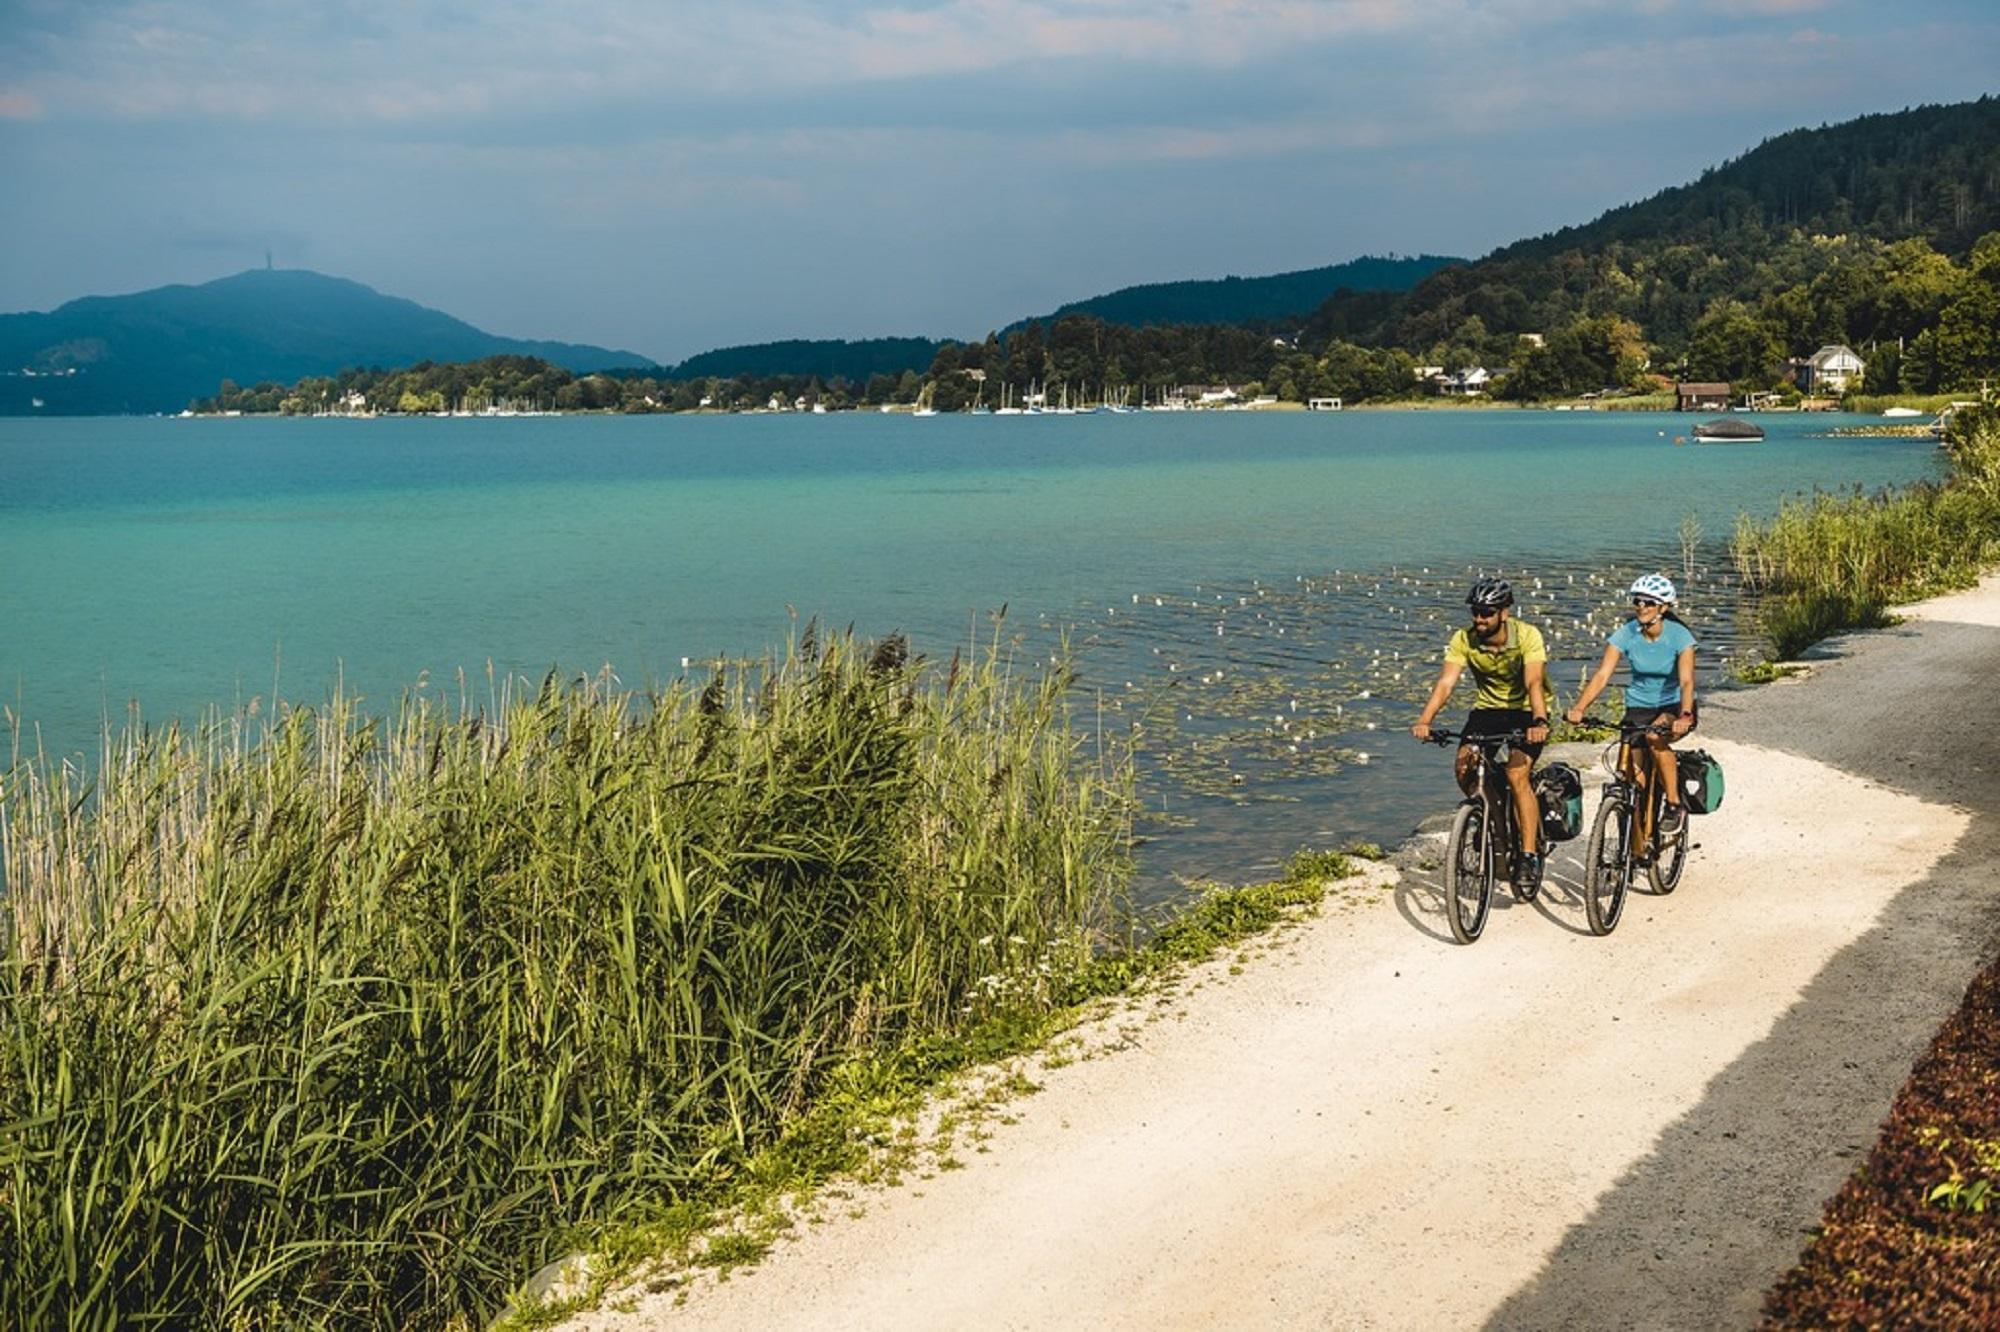 Esplora fantastici tour in bicicletta in Carinzia - Lago Wörthersee in bicicletta